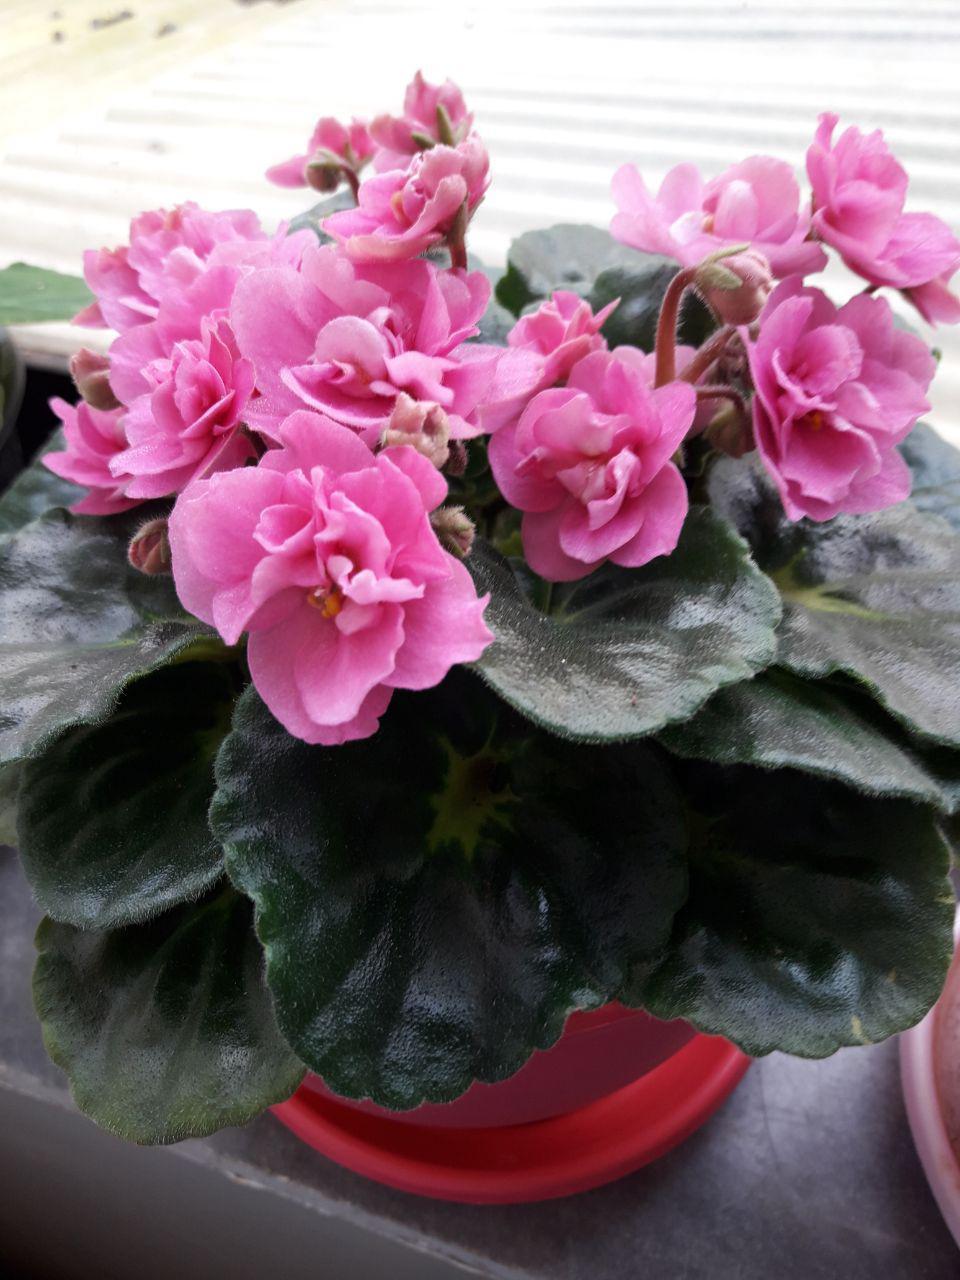 گیاهچه بنفشه آفریقایی واریته Rococo Pink- گل صورتی گلدان ده